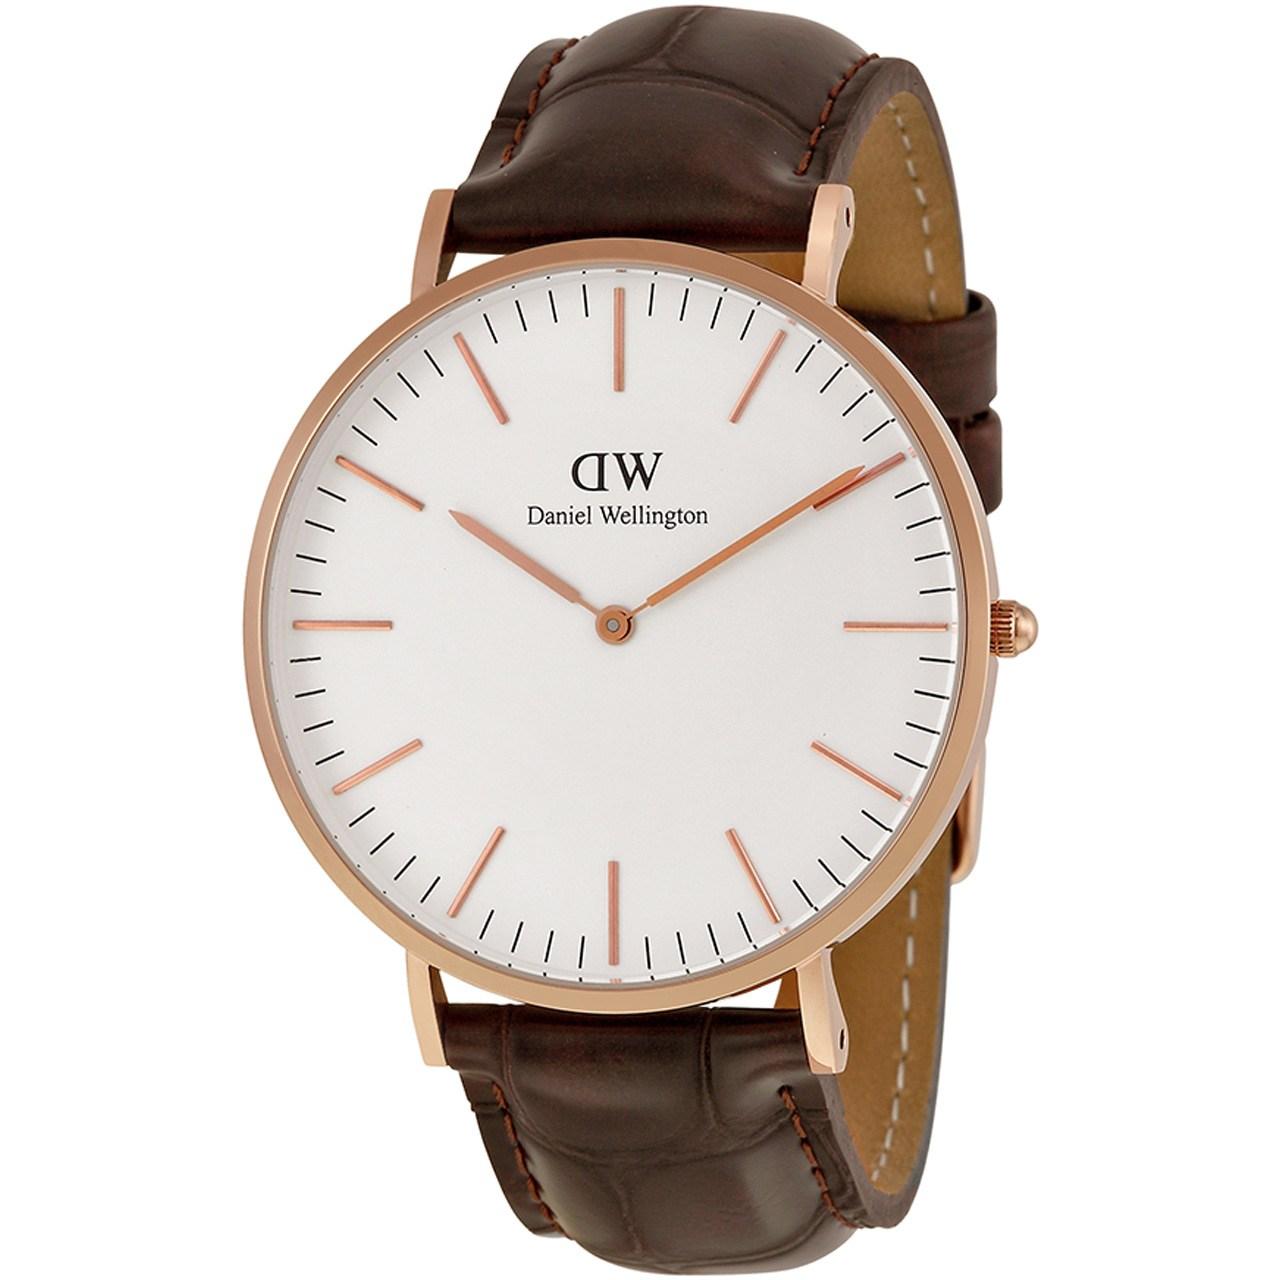 ساعت مچی عقربه ای مردانه دنیل ولینگتون مدل DW00100011